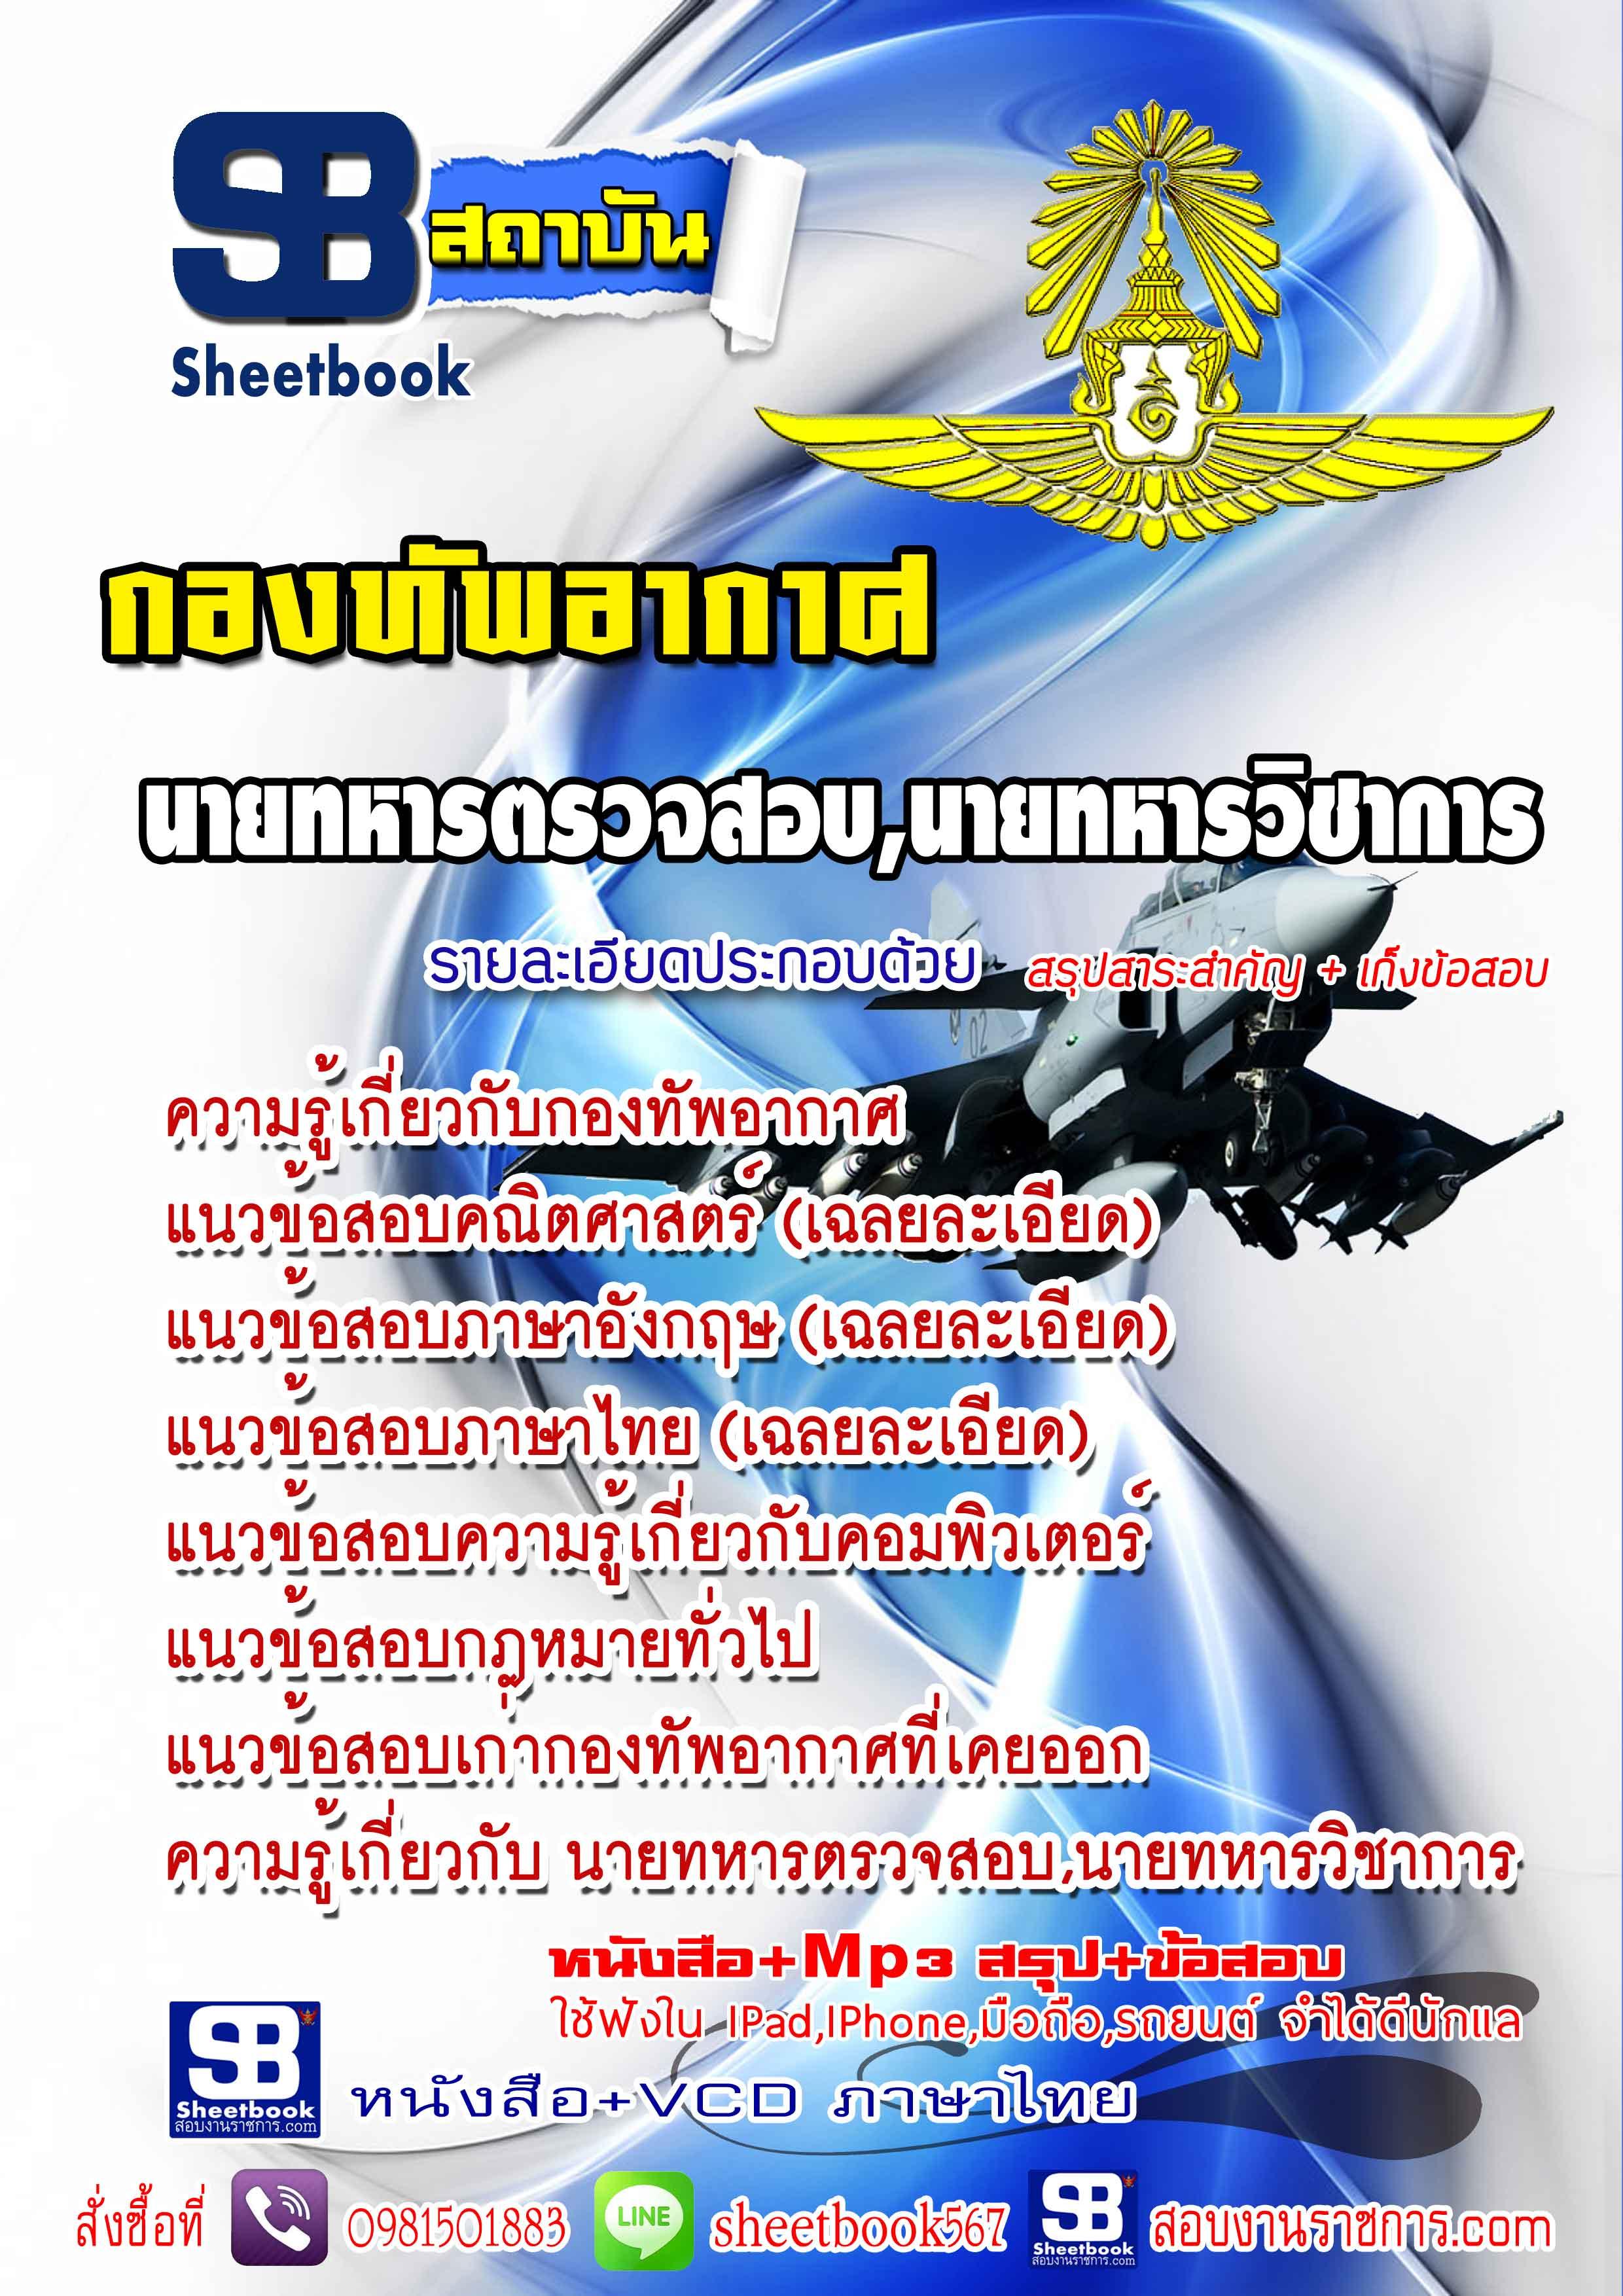 หนังสือ+VCD กองทัพอากาศ นายทหารตรวจสอบ,นายทหารวิชาการ